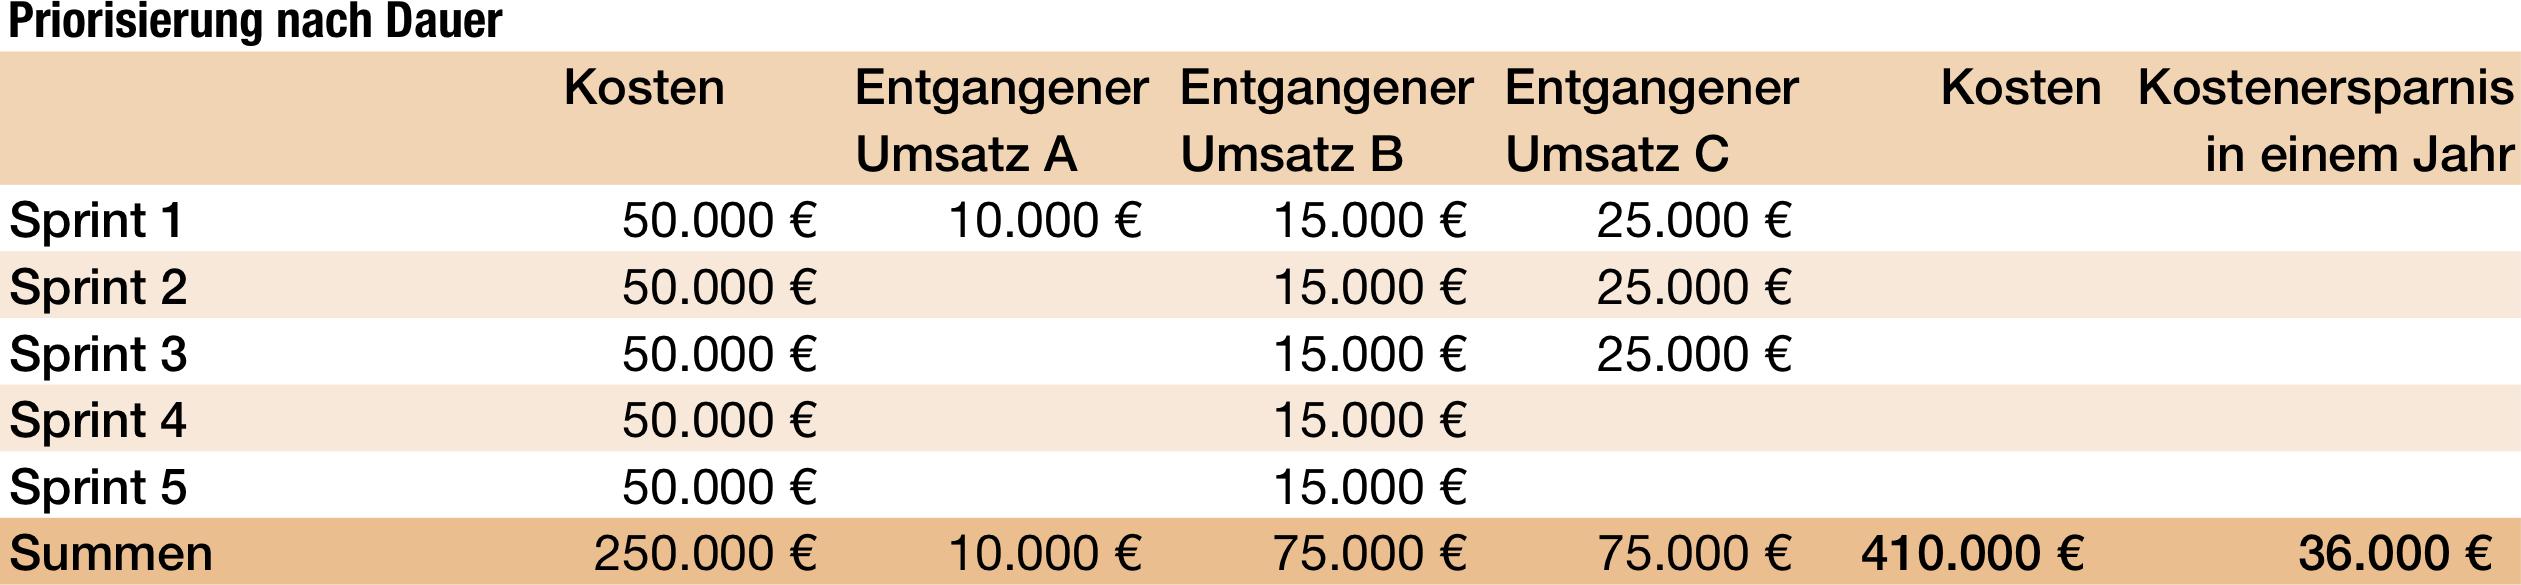 Kosten und Ersparnis bei Priorisierung nach Umsetzungsdauer.